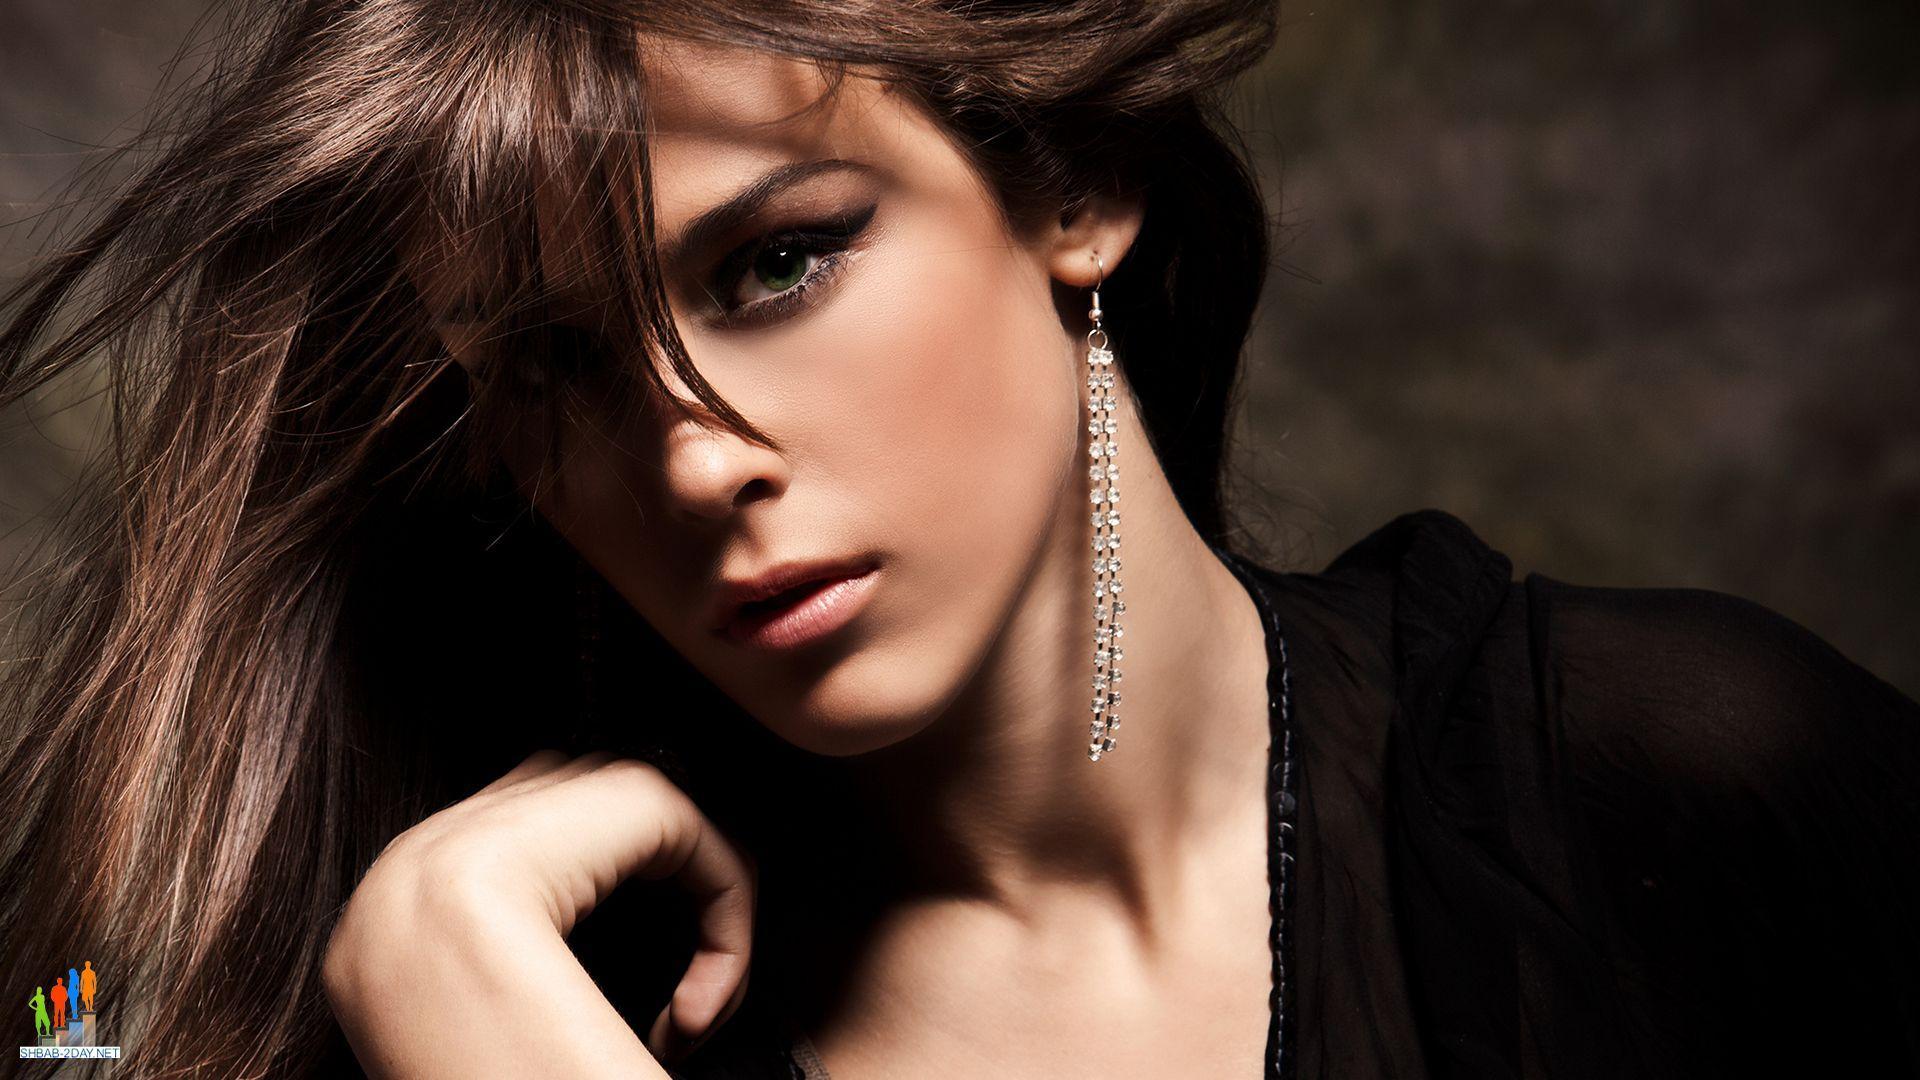 بالصور صور اجمل النساء , بالصور اجمل نساء العالم 2983 5